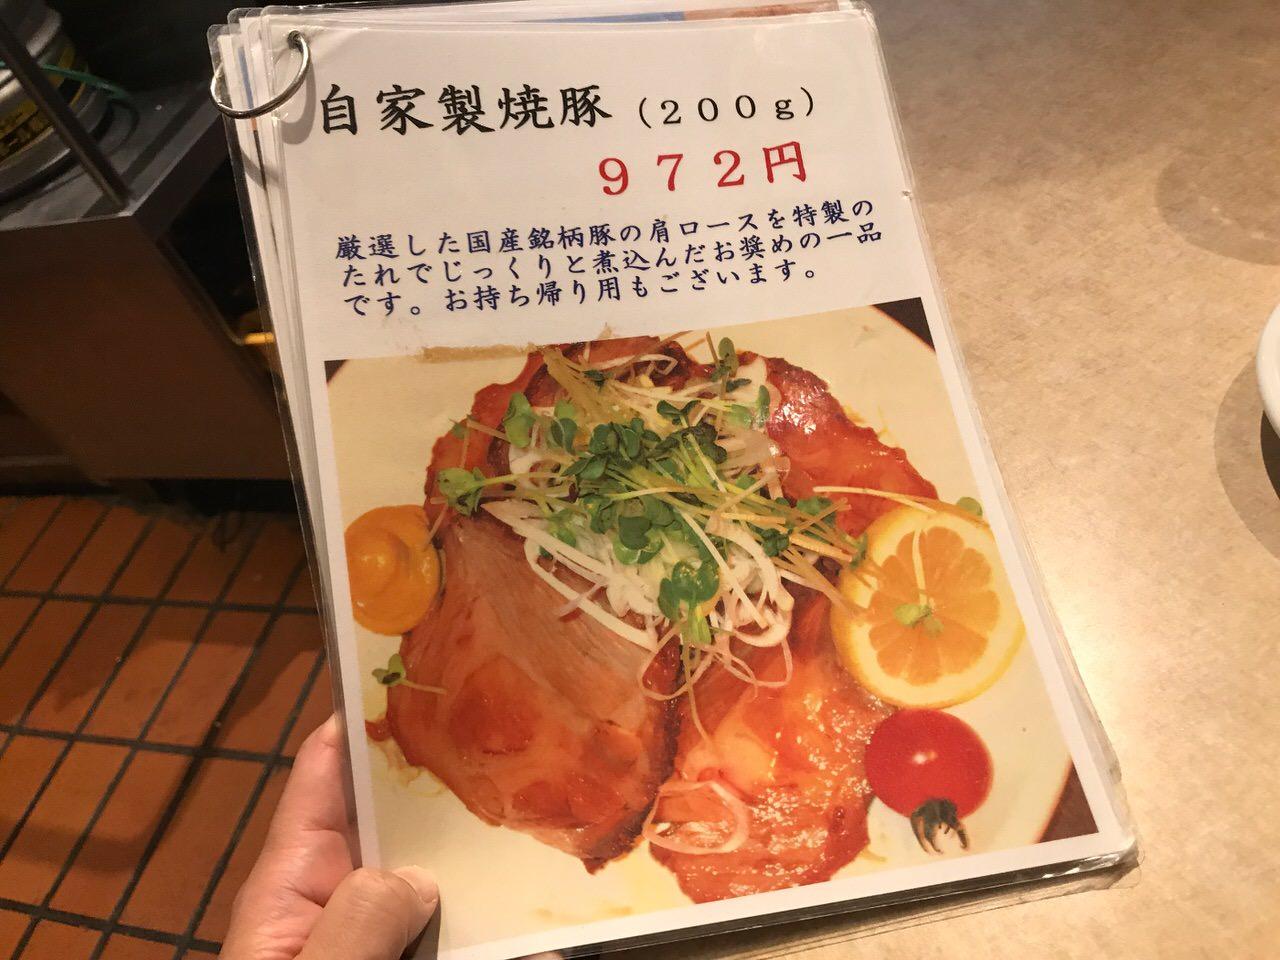 Ooyama 0109170809